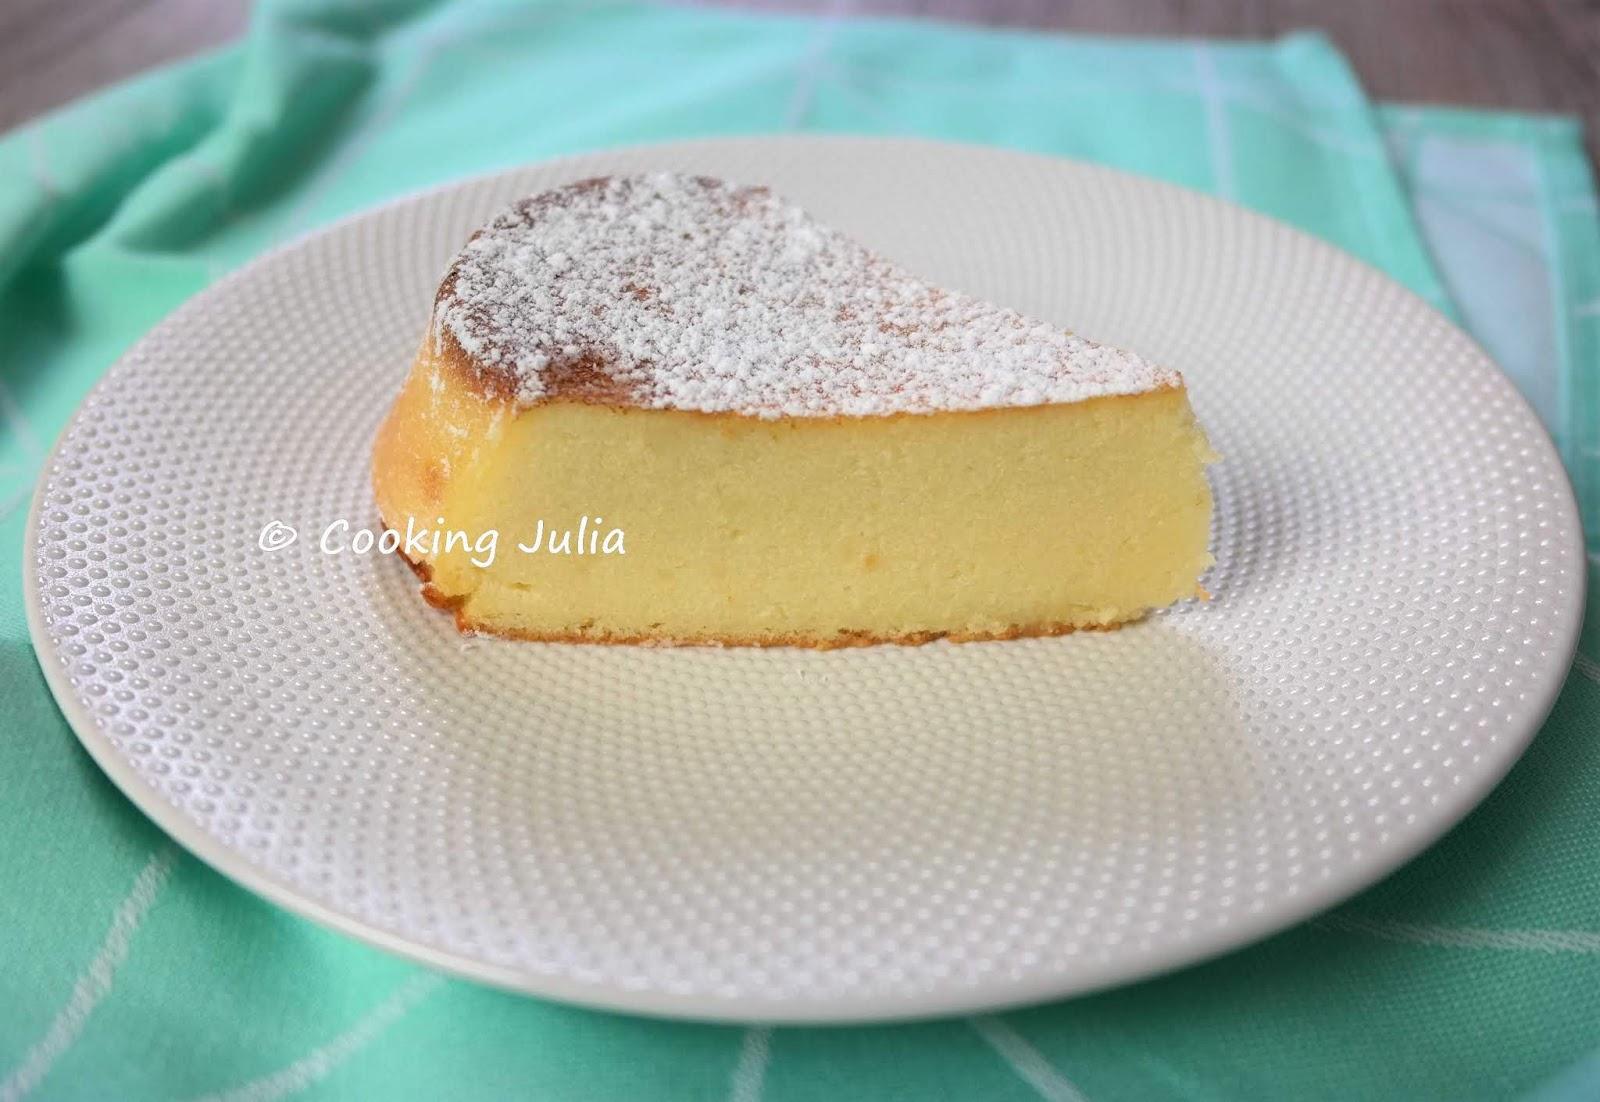 Cooking Julia Migliaccio Le Gateau De Semoule Italien A La Ricotta